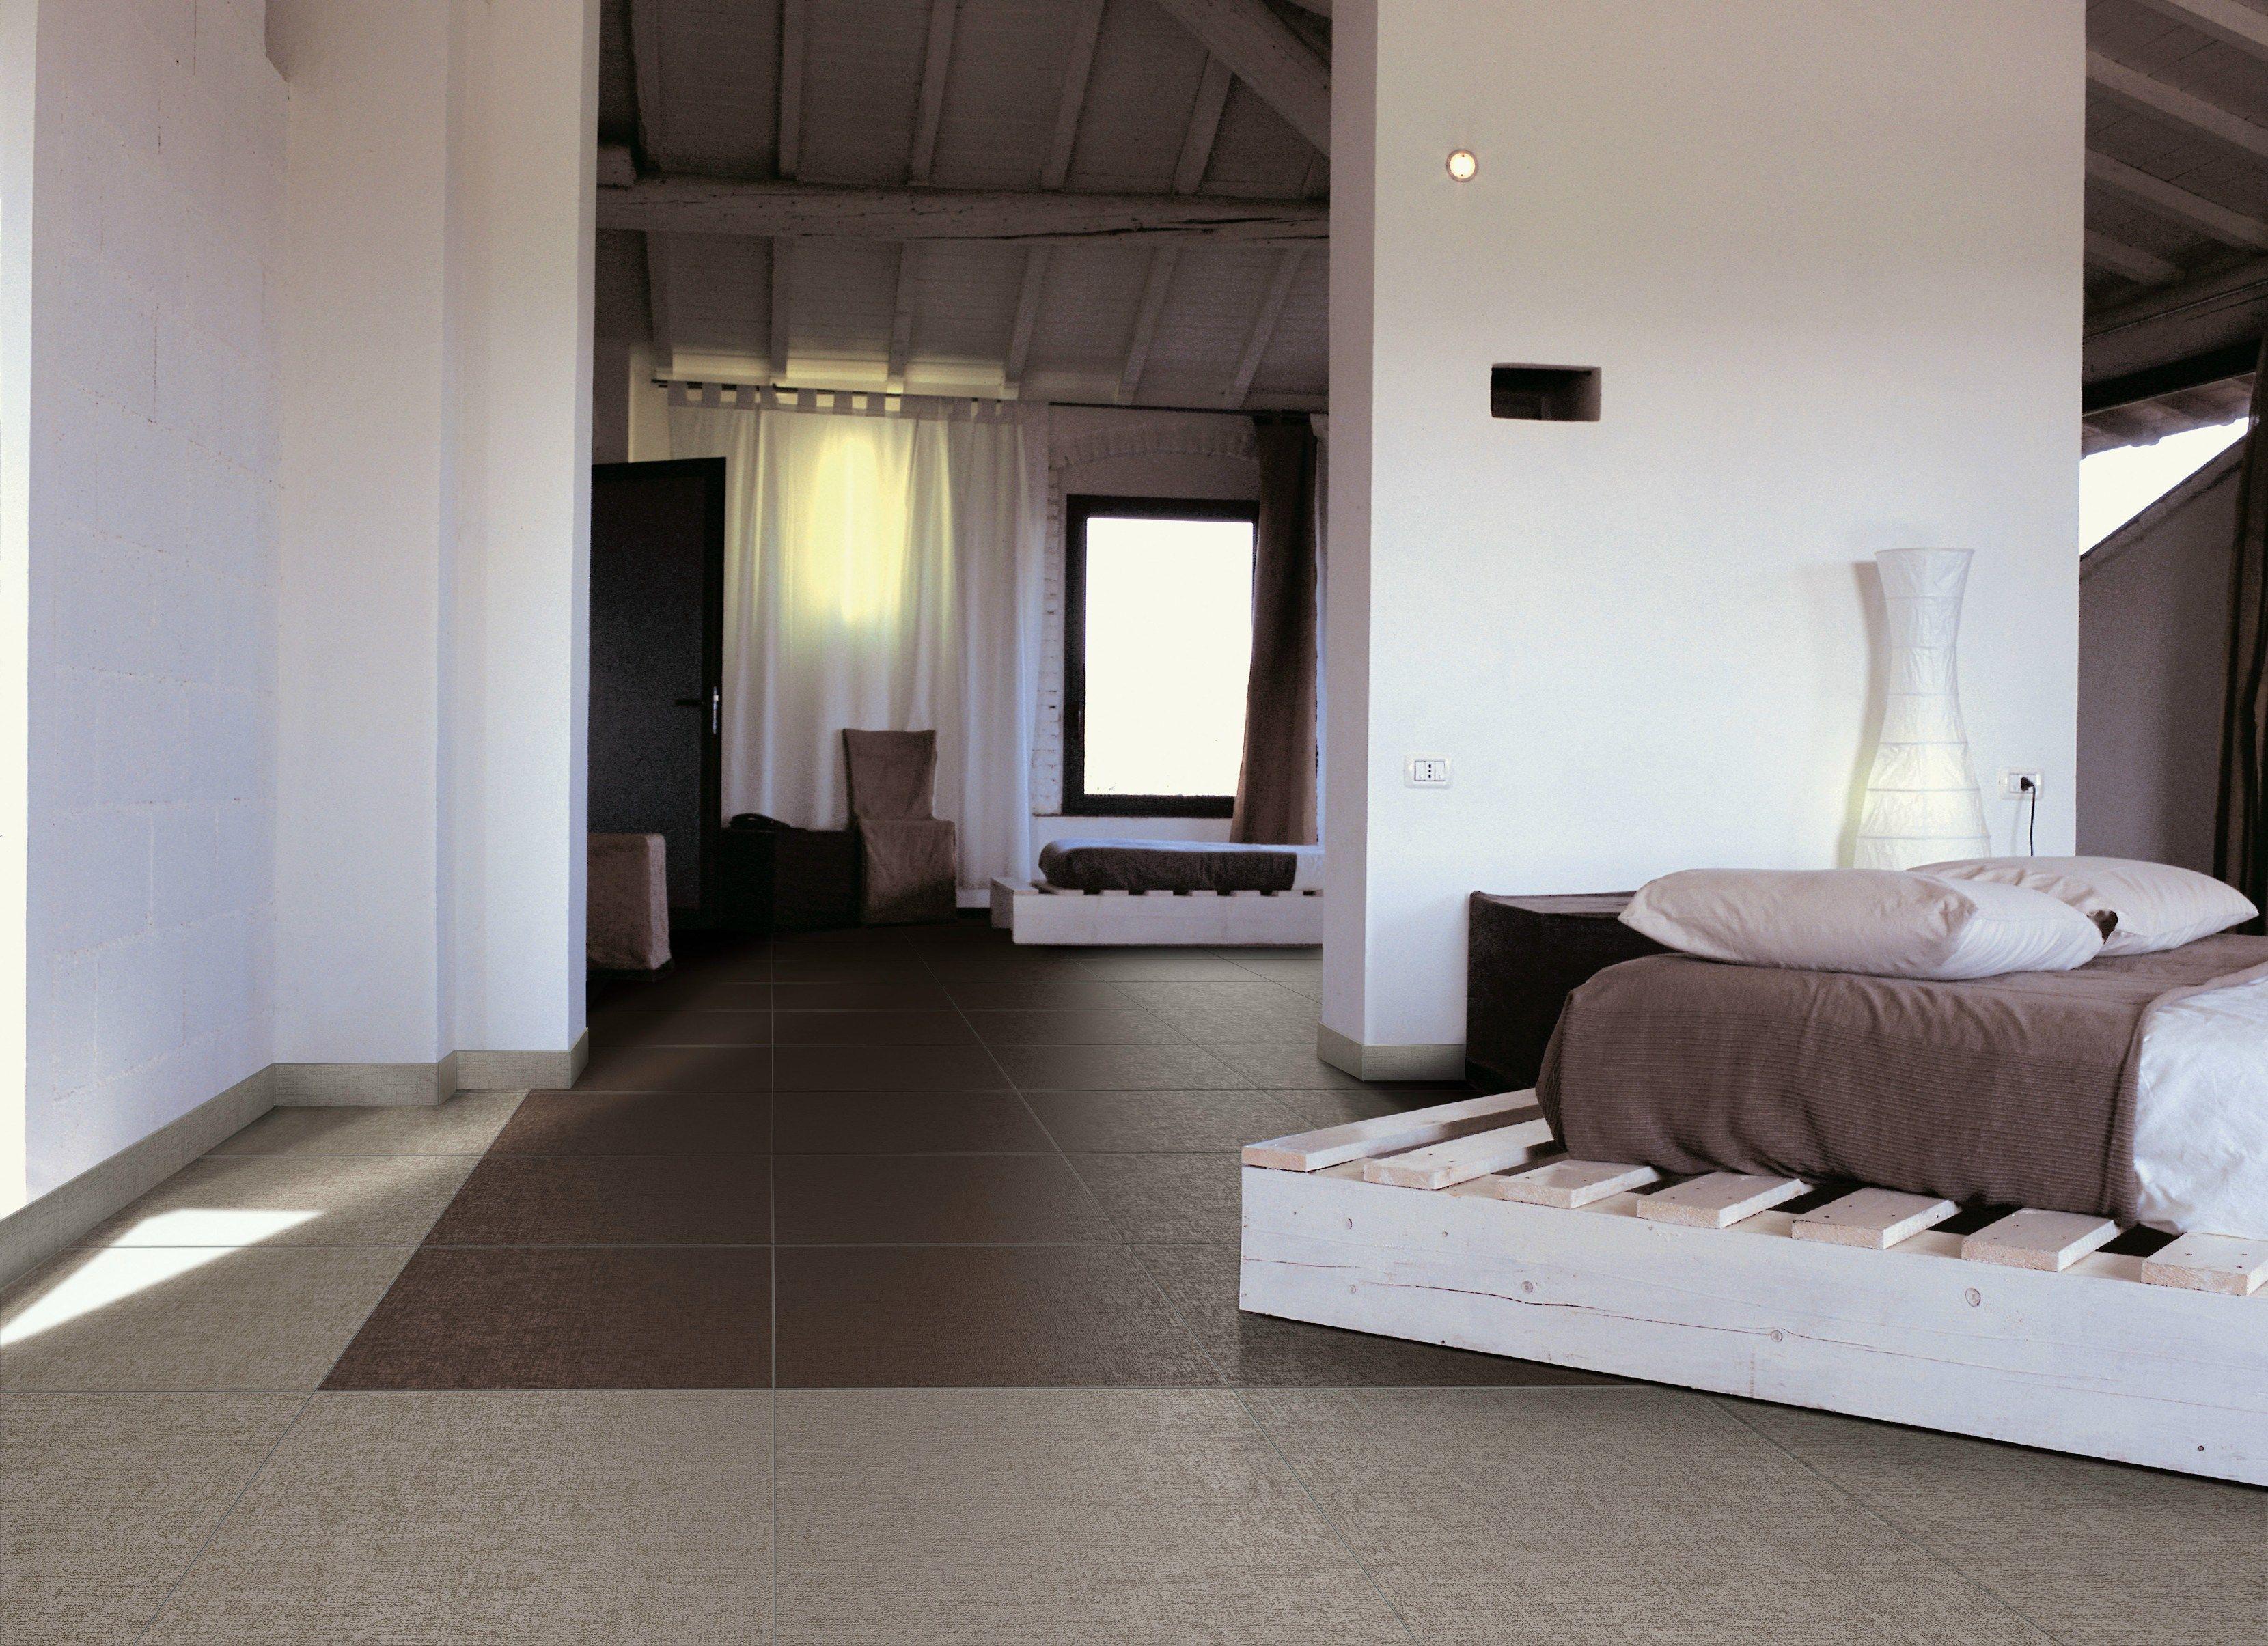 Revestimiento de pared suelo de cer mica para interiores y - Revestimiento de interiores ...